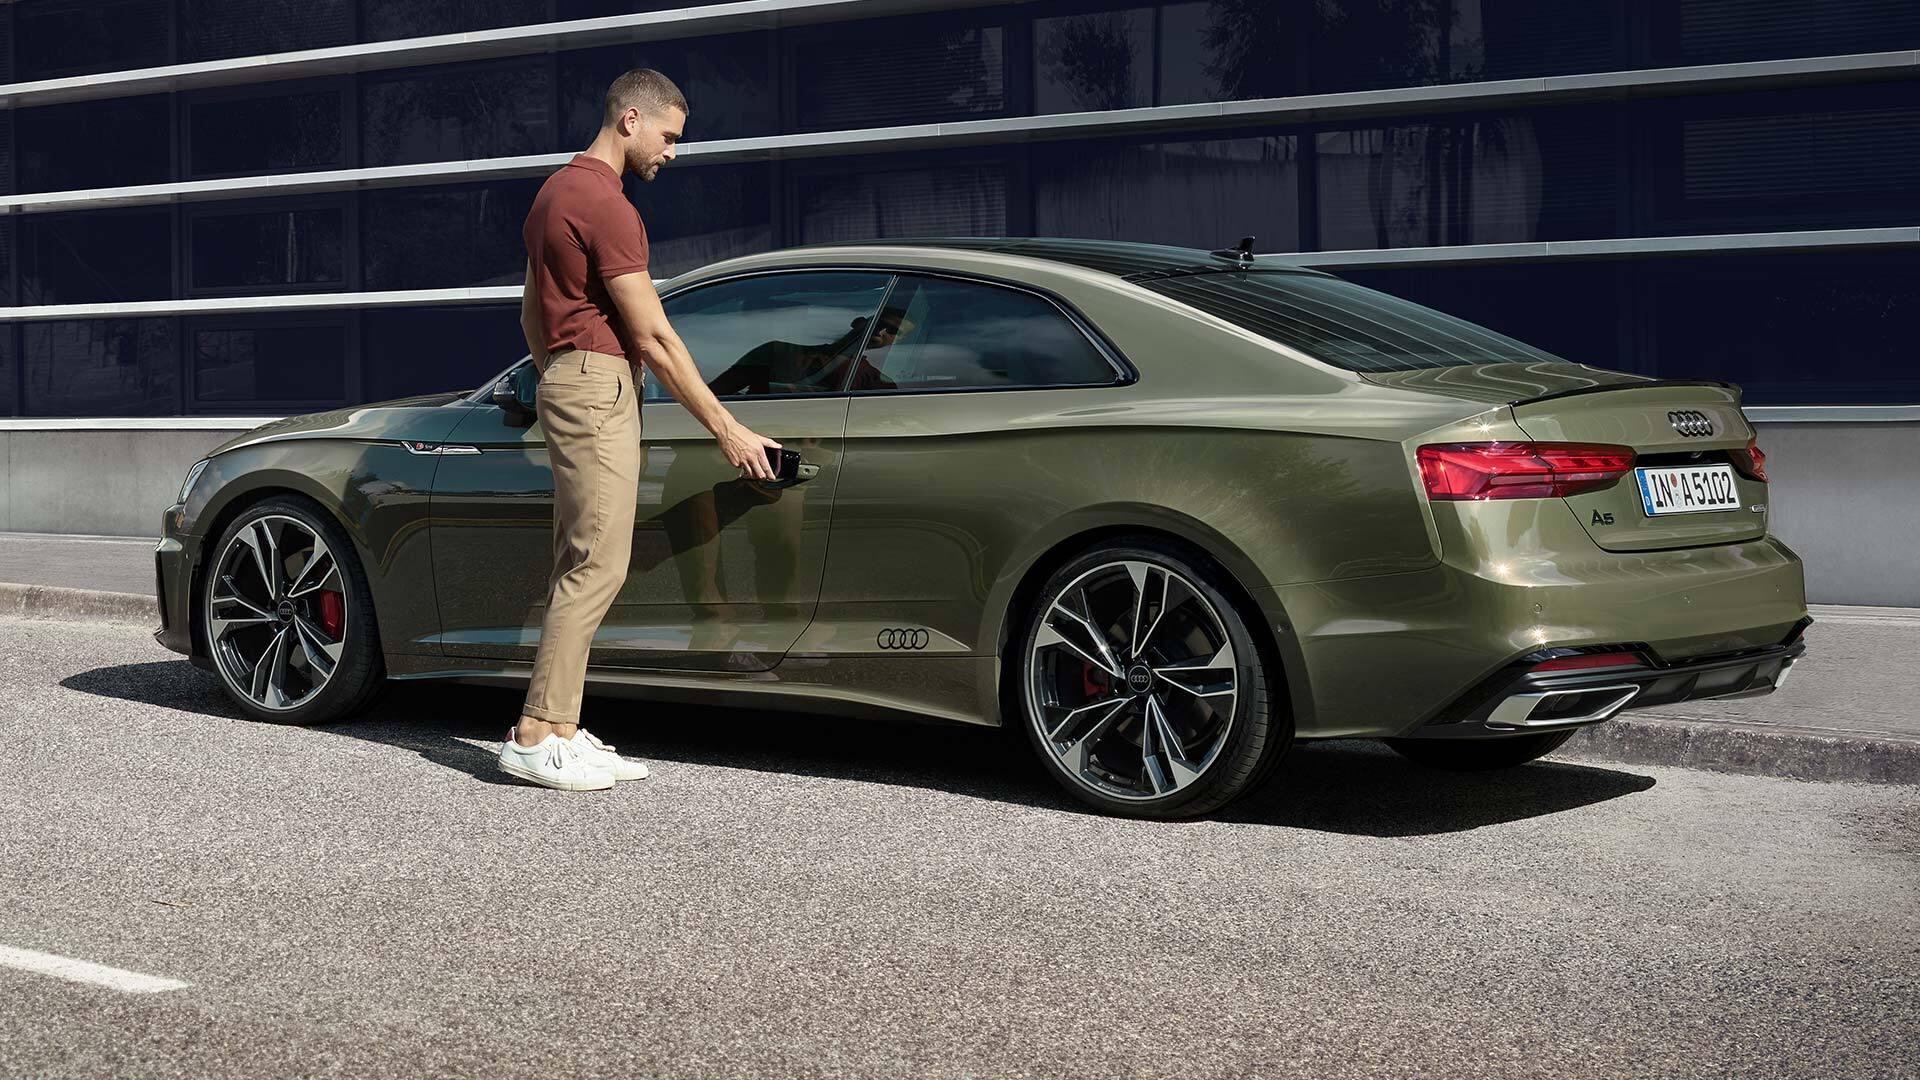 2020 Audi A5 Coupe Specs